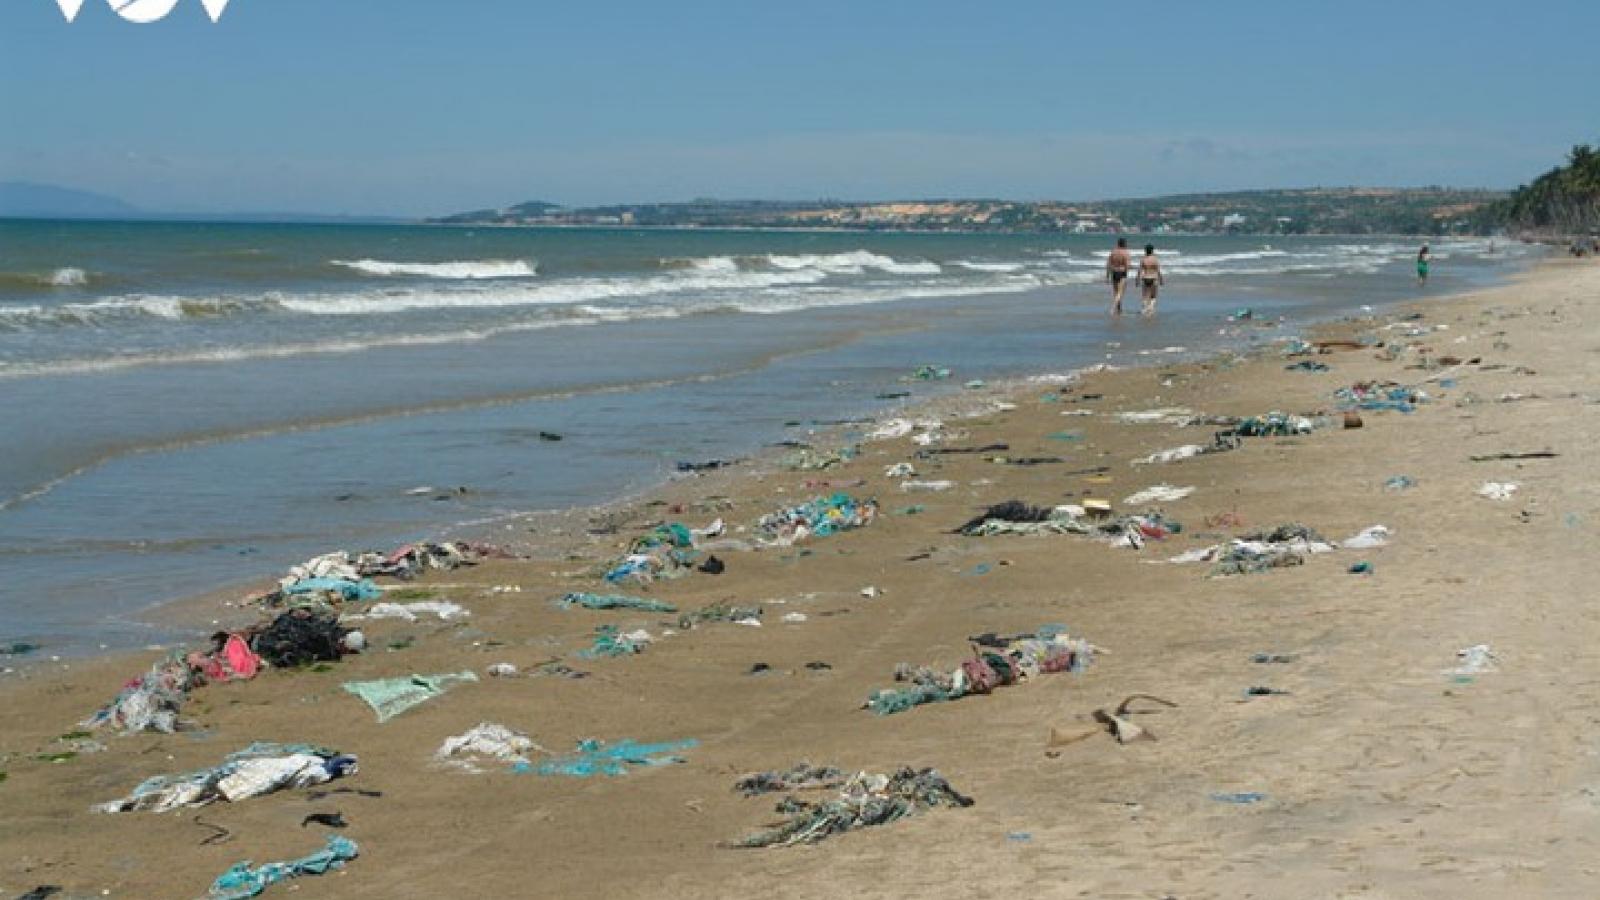 """Ô nhiễm rác thải nhựa đại dương: """"Có lúc thu hoạch rác thải nhựa nhiều hơn số lượng cá"""""""